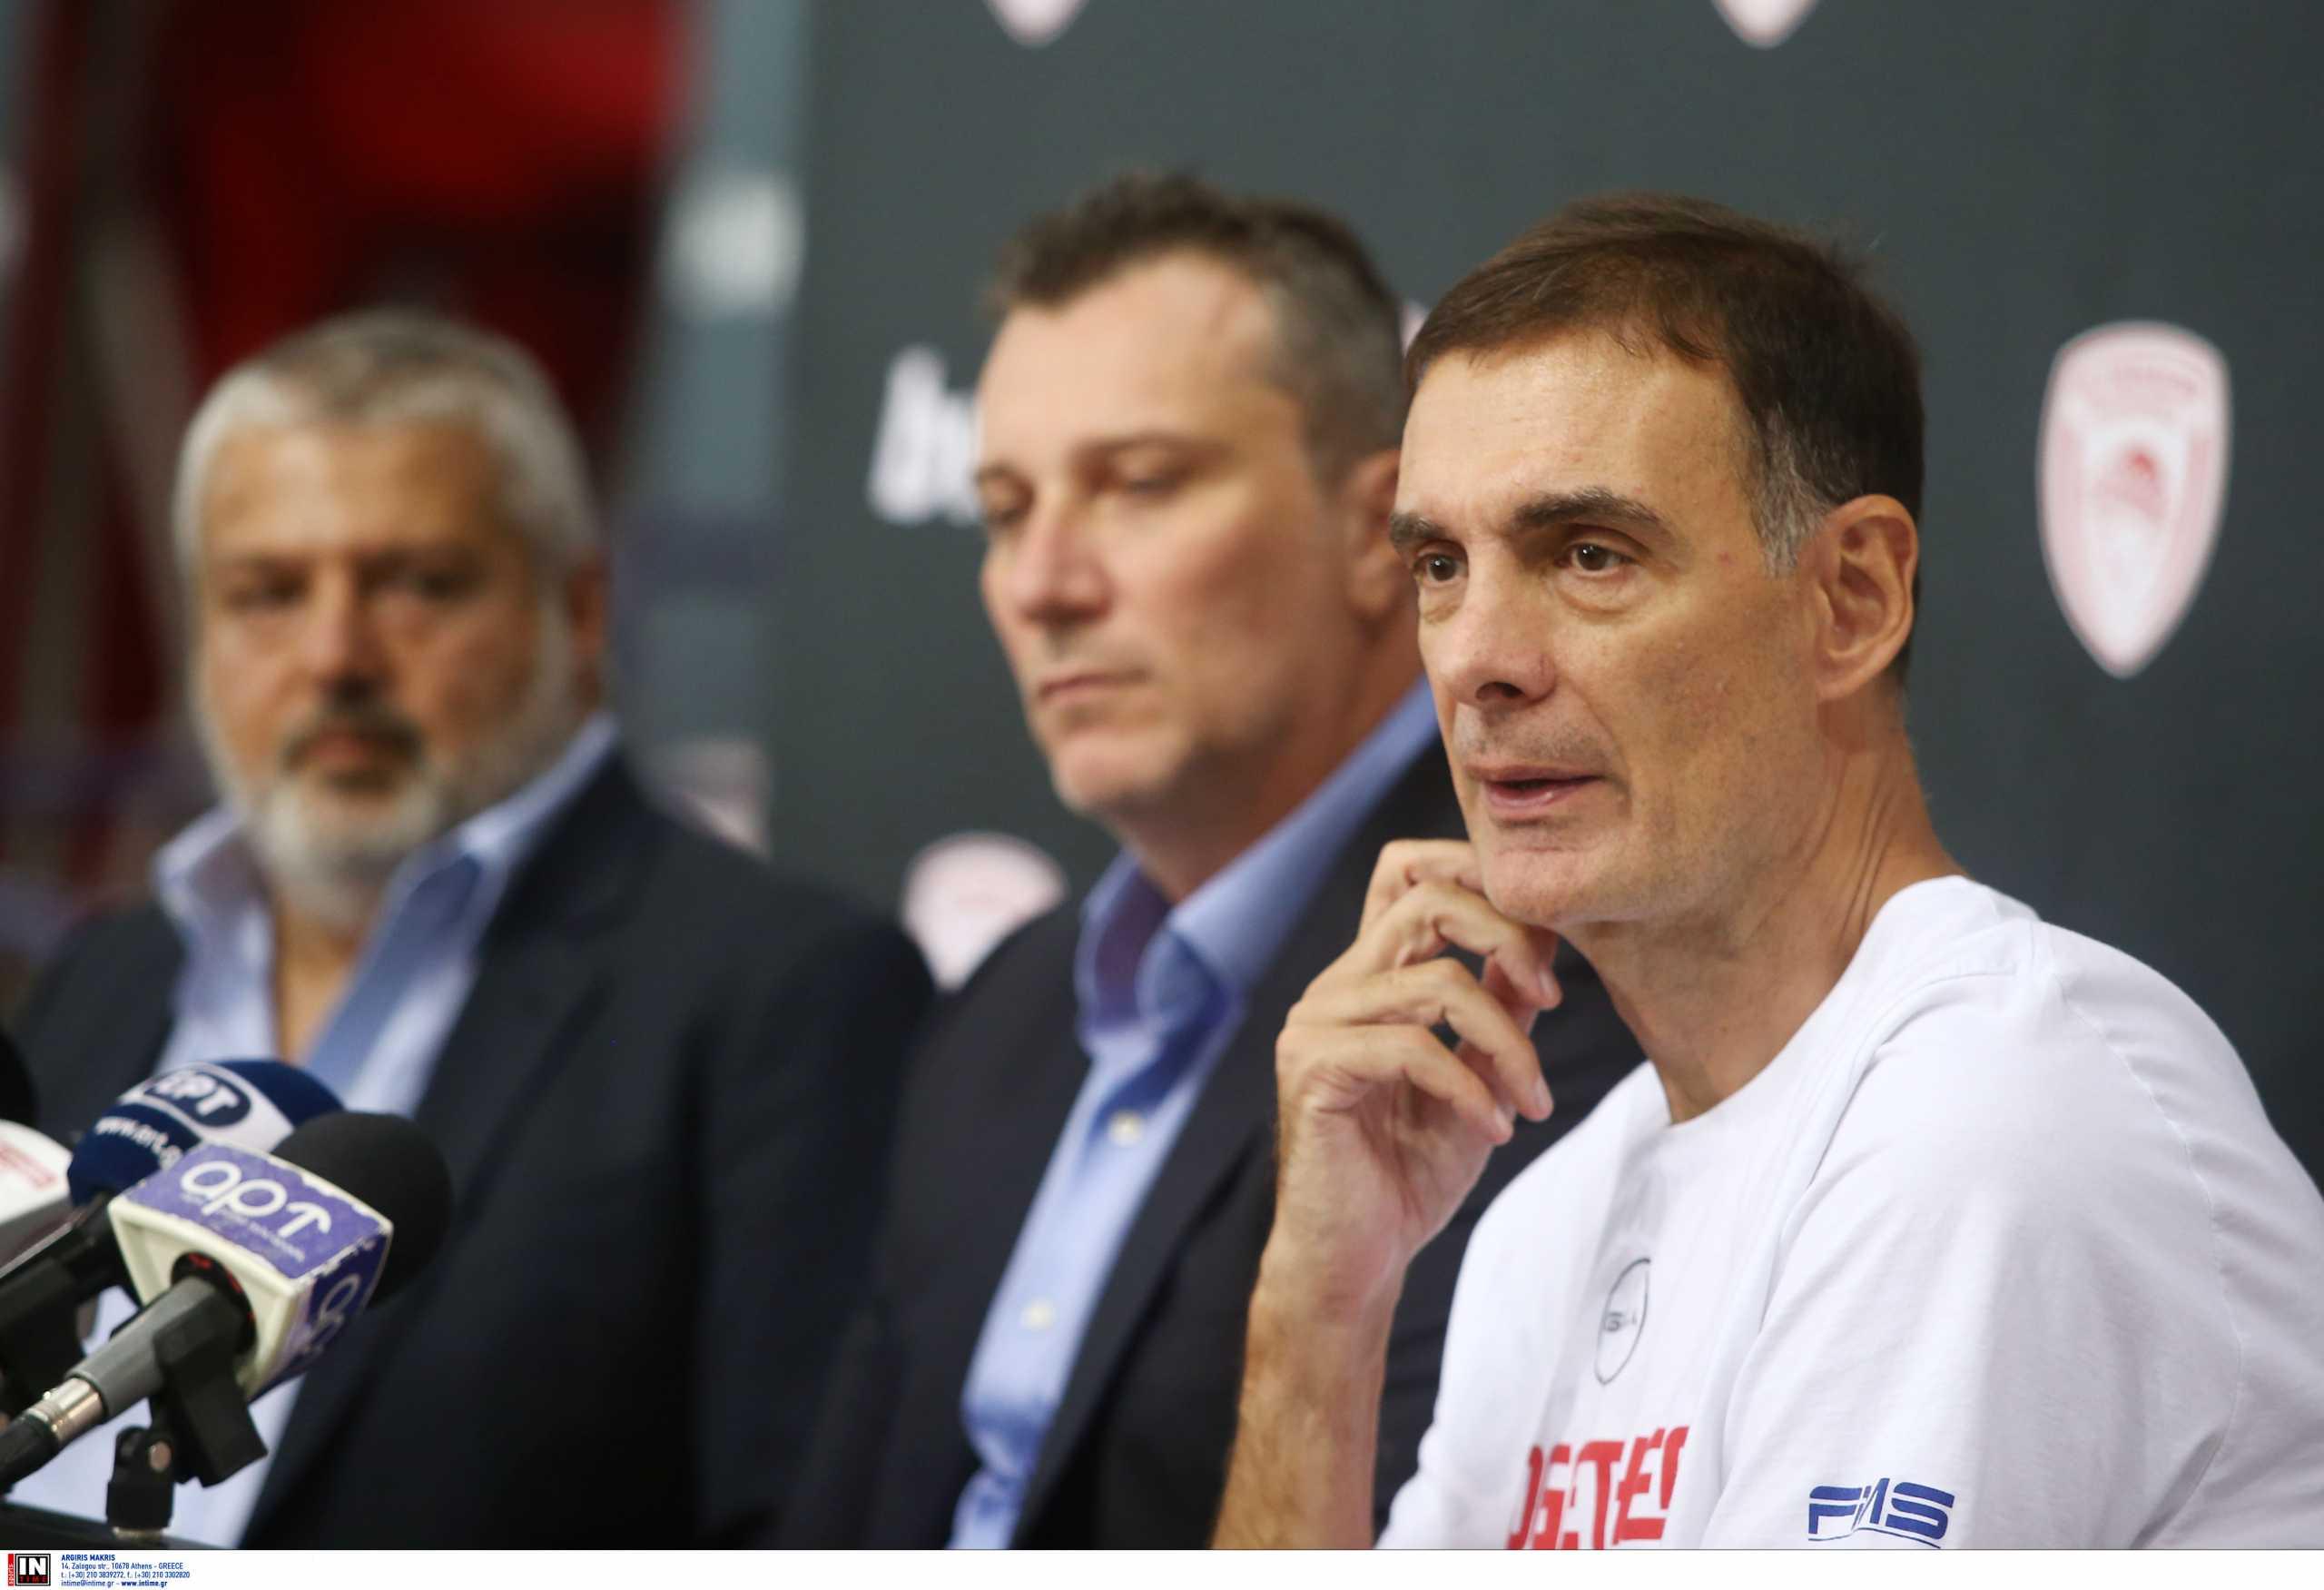 Ολυμπιακός, Γιώργος Μπαρτζώκας: «Είμαστε πιο ώριμοι και καλύτεροι, αλλά πρέπει να φανεί και στο γήπεδο»